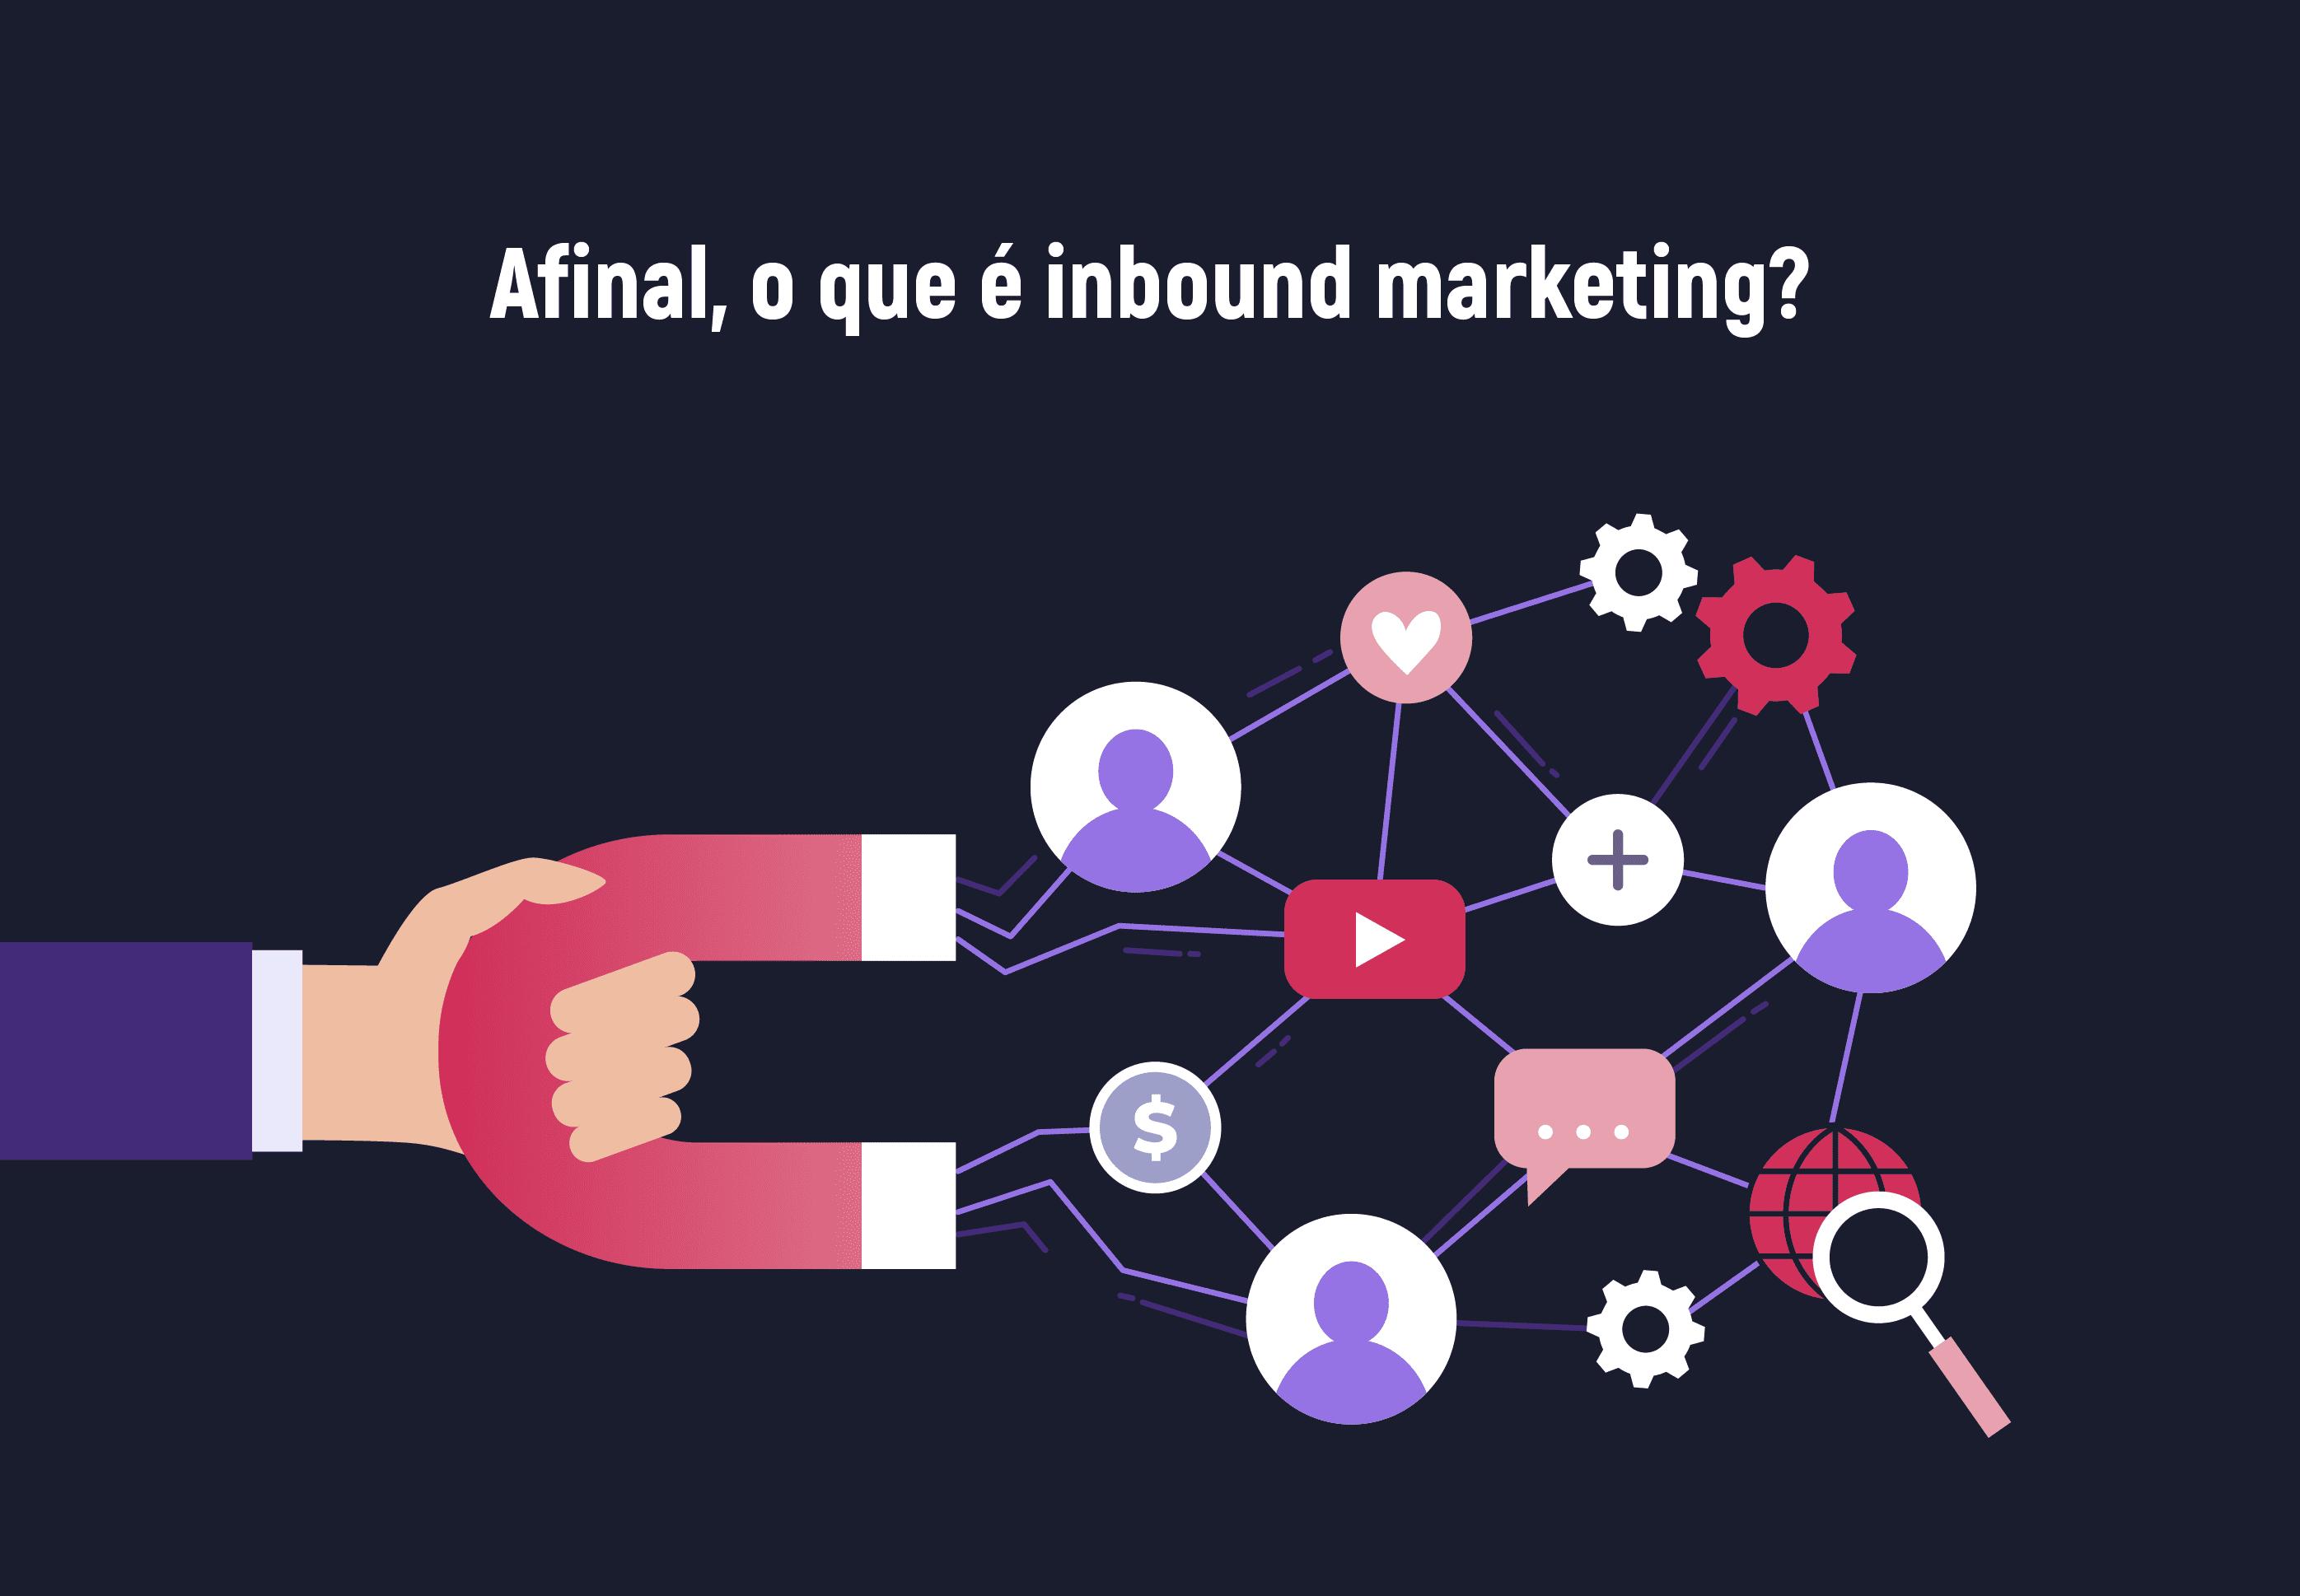 Afinal, o que é inbound marketing?